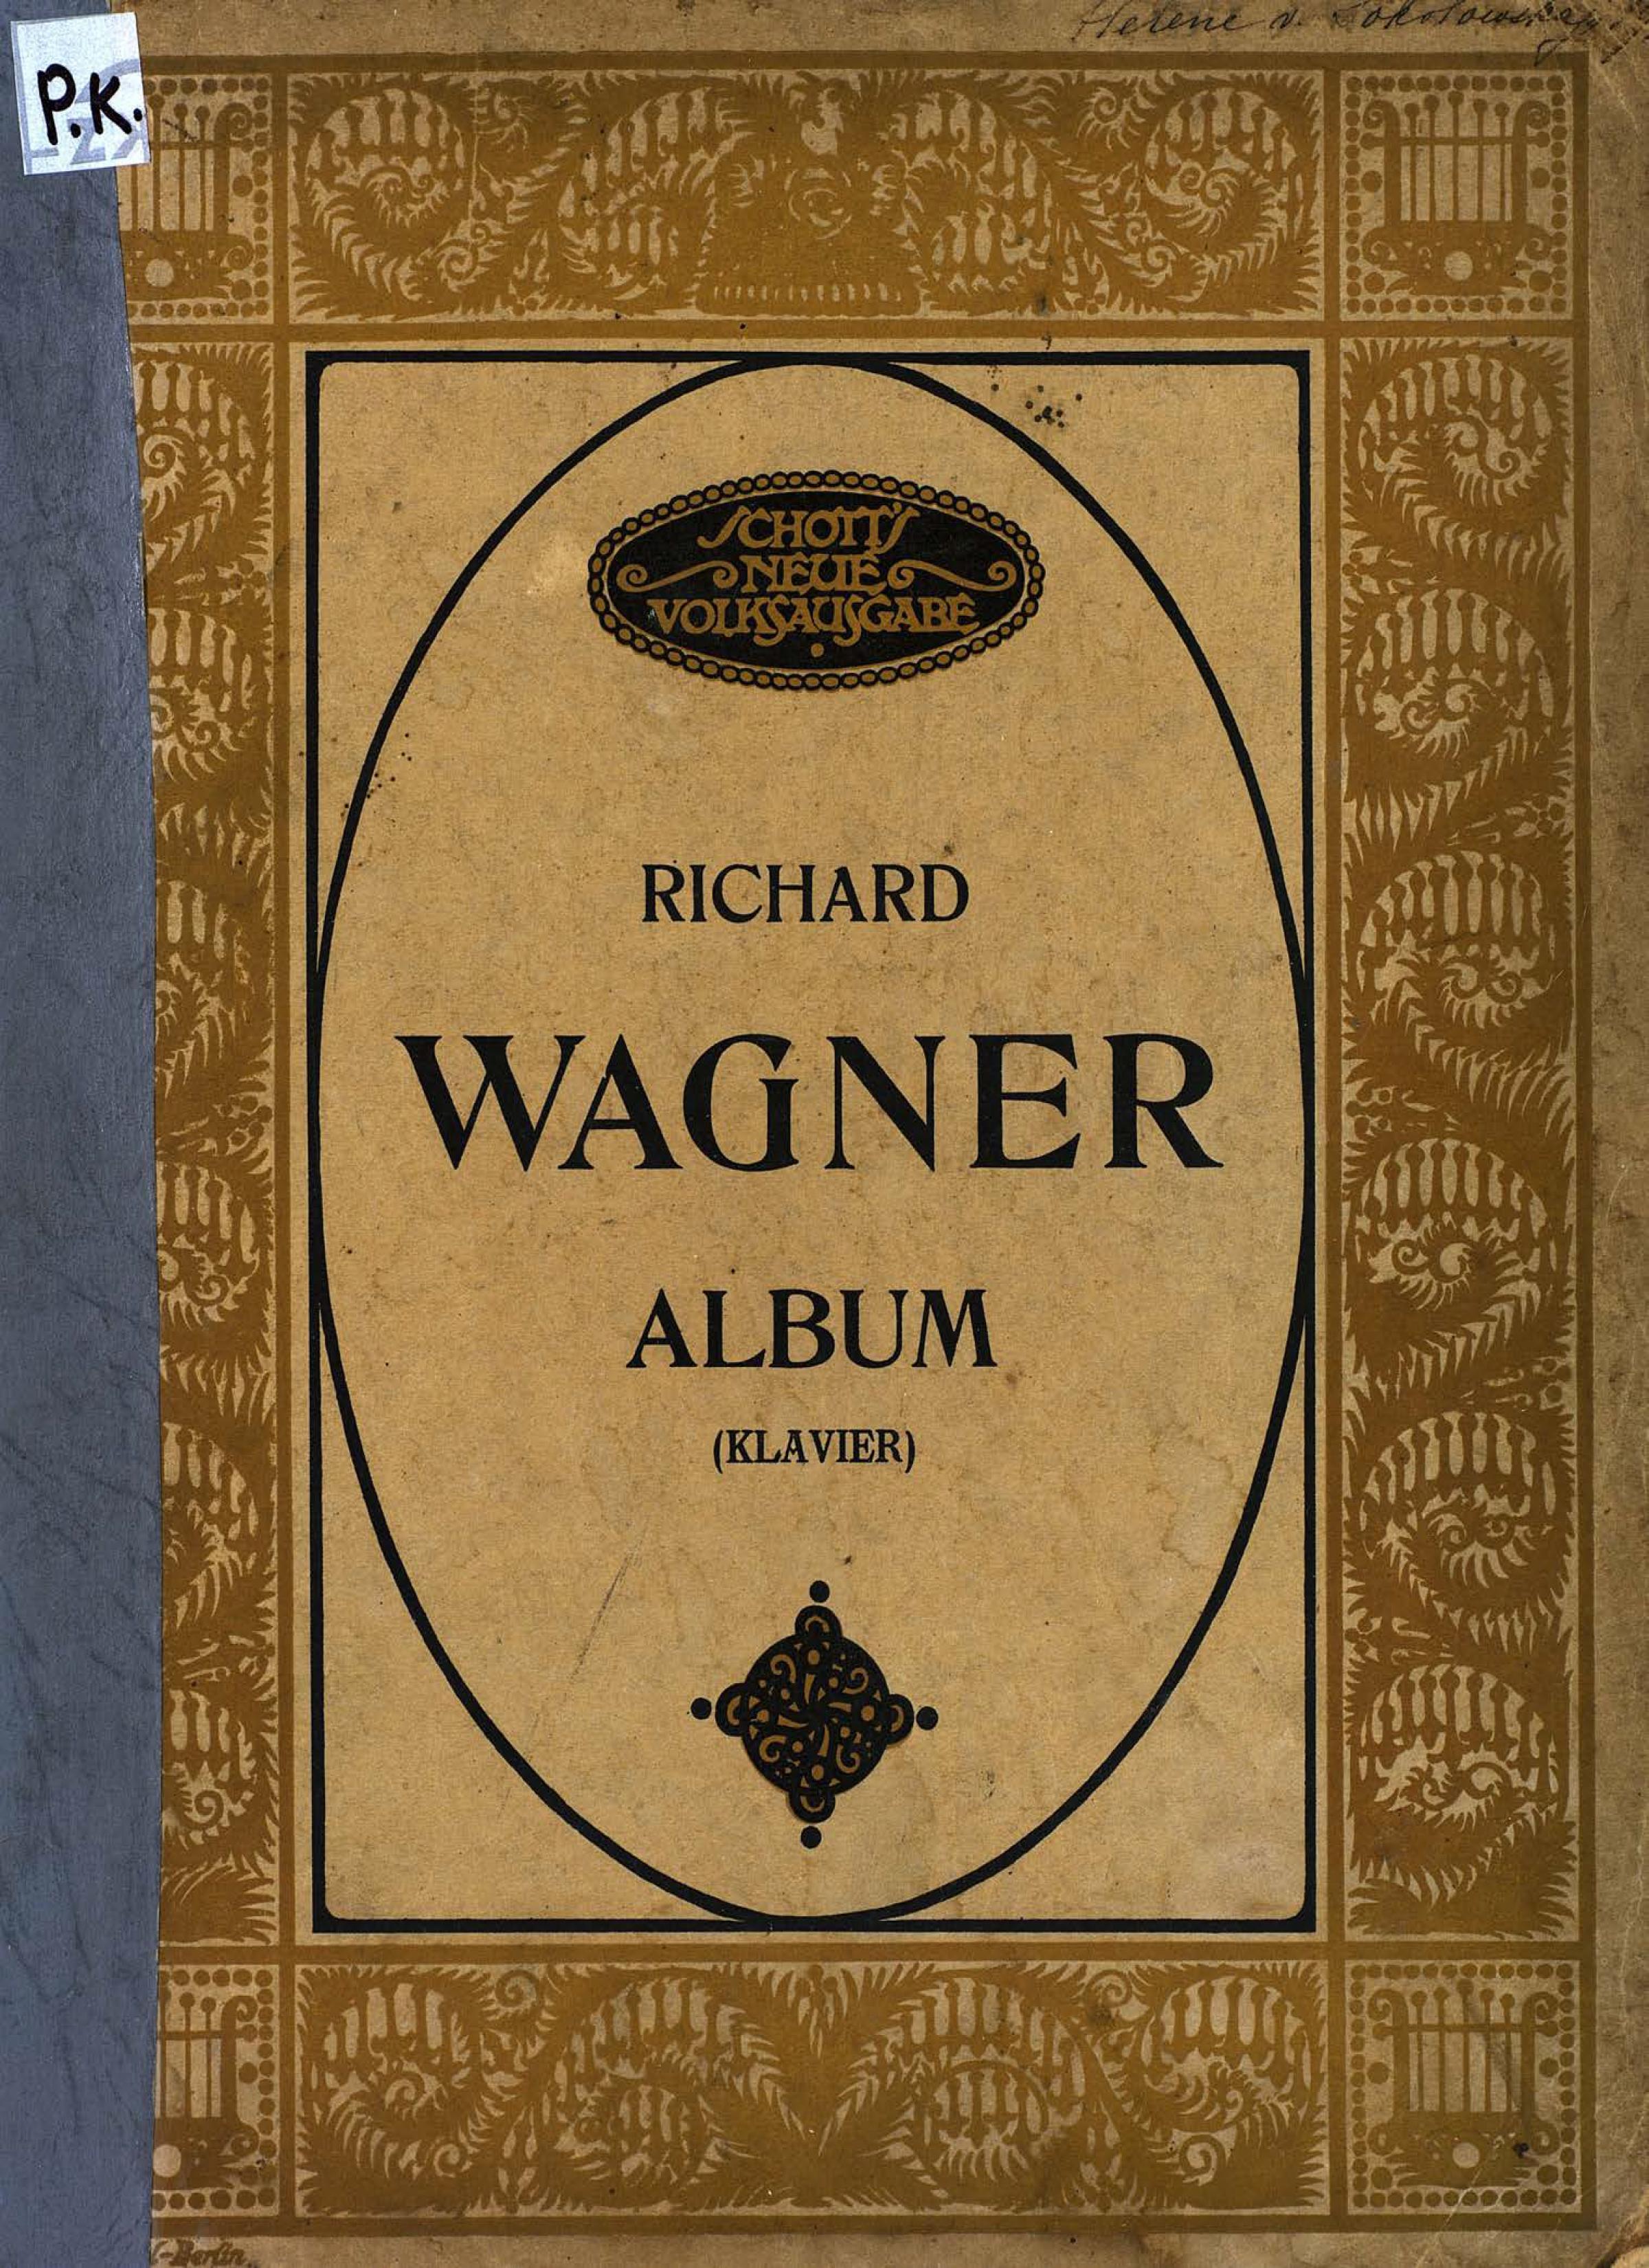 Richard Wagner Album